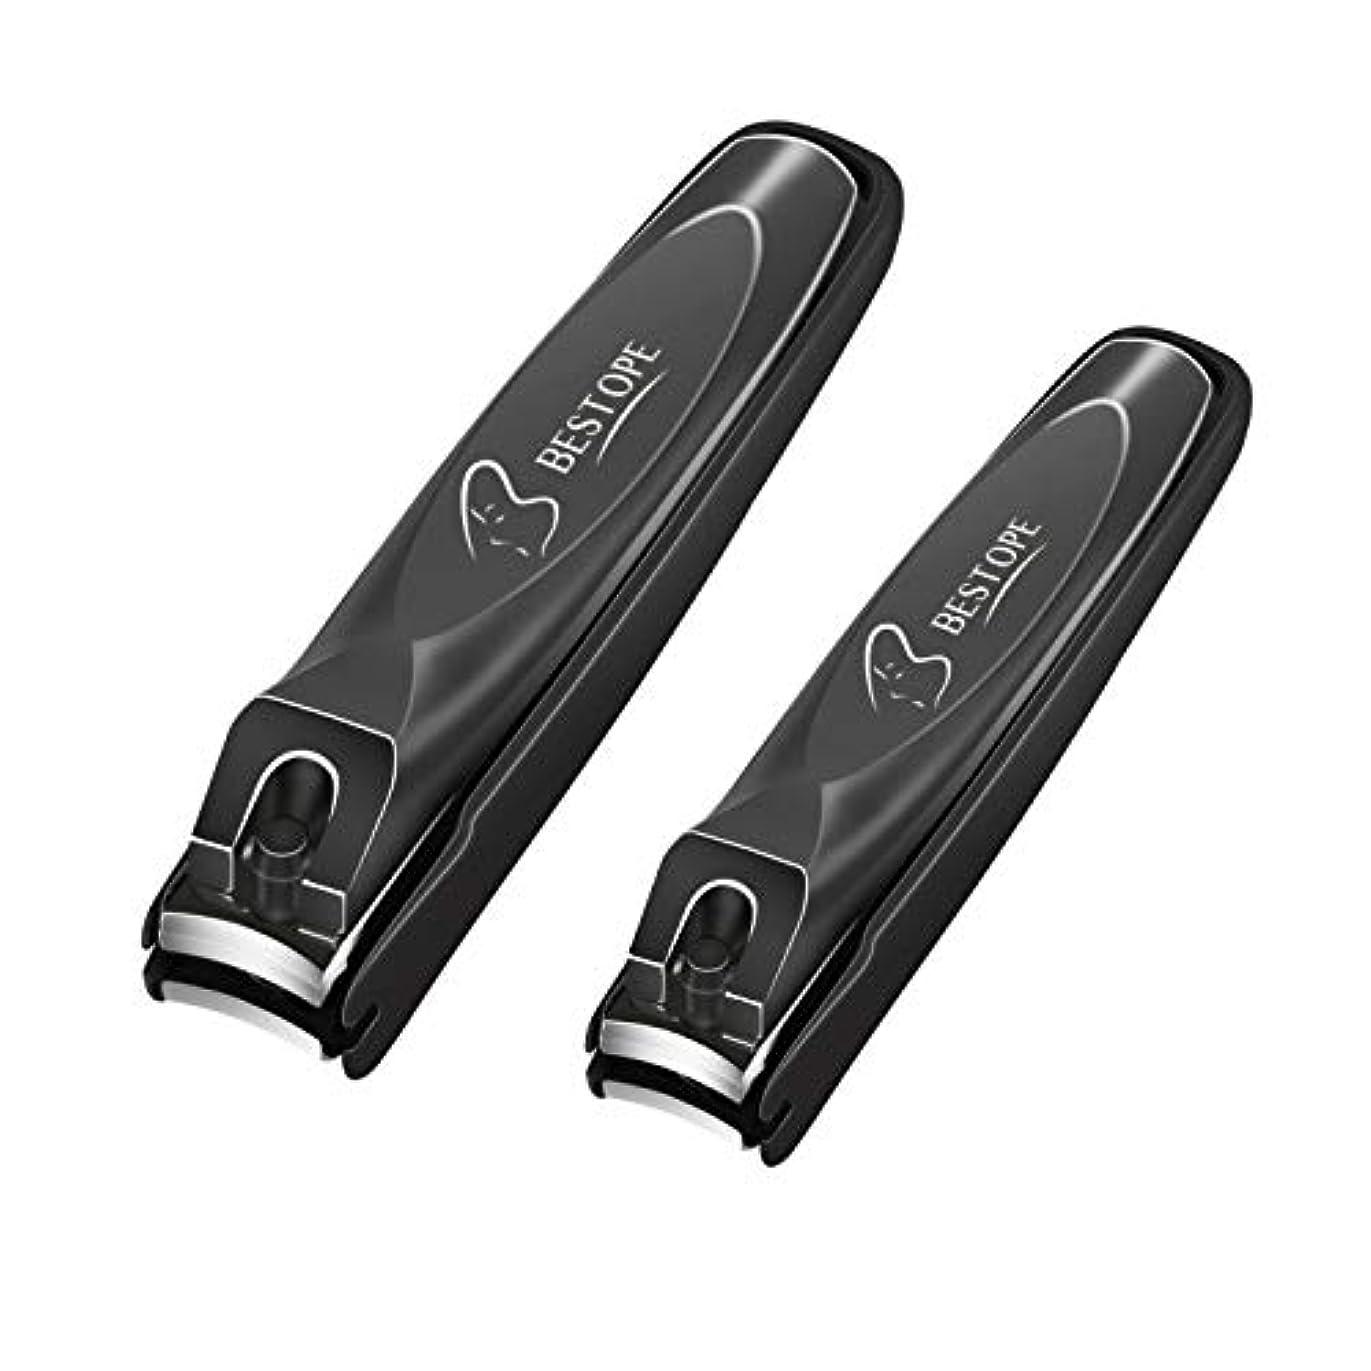 ランドマーク渇きるBESTOPE 爪切り カバー付き ステンレス鋼製 爪やすり付き 飛び散り防止 手足用 2本セット